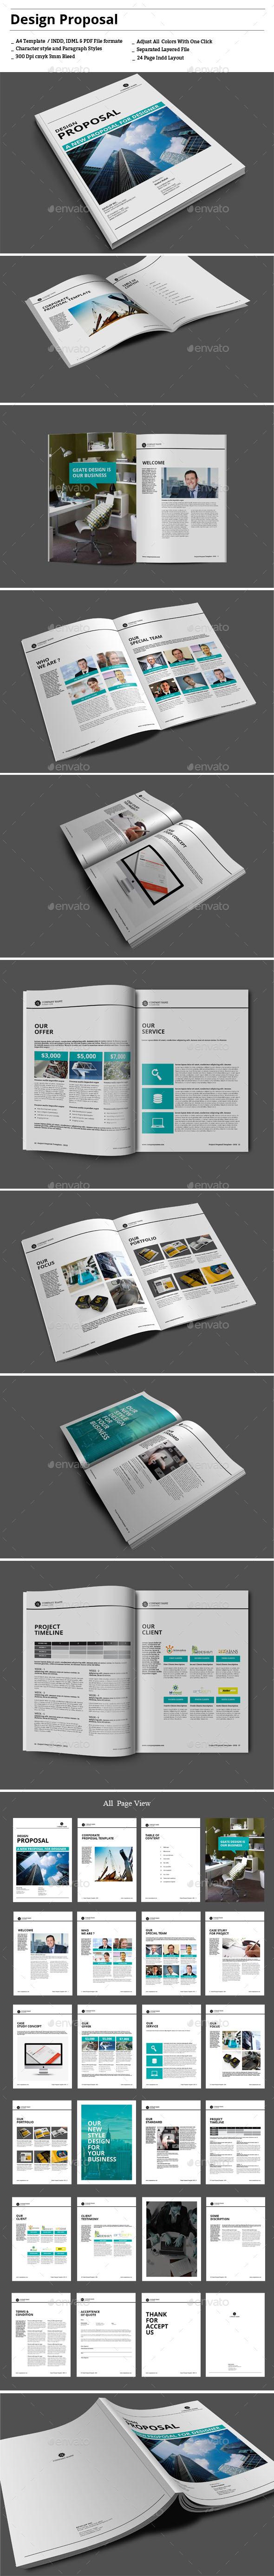 GraphicRiver Design Proposal 9207308